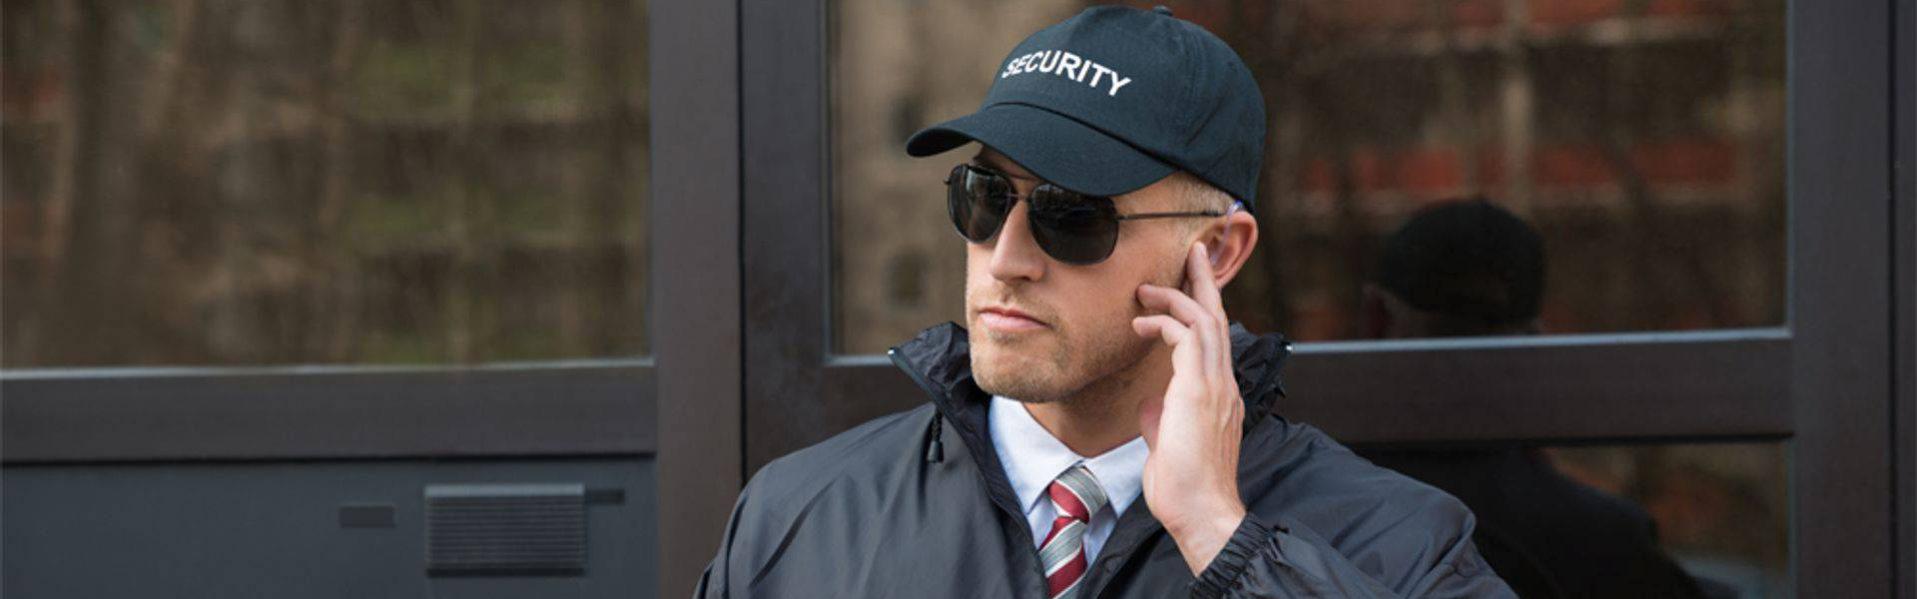 Охранник у здания